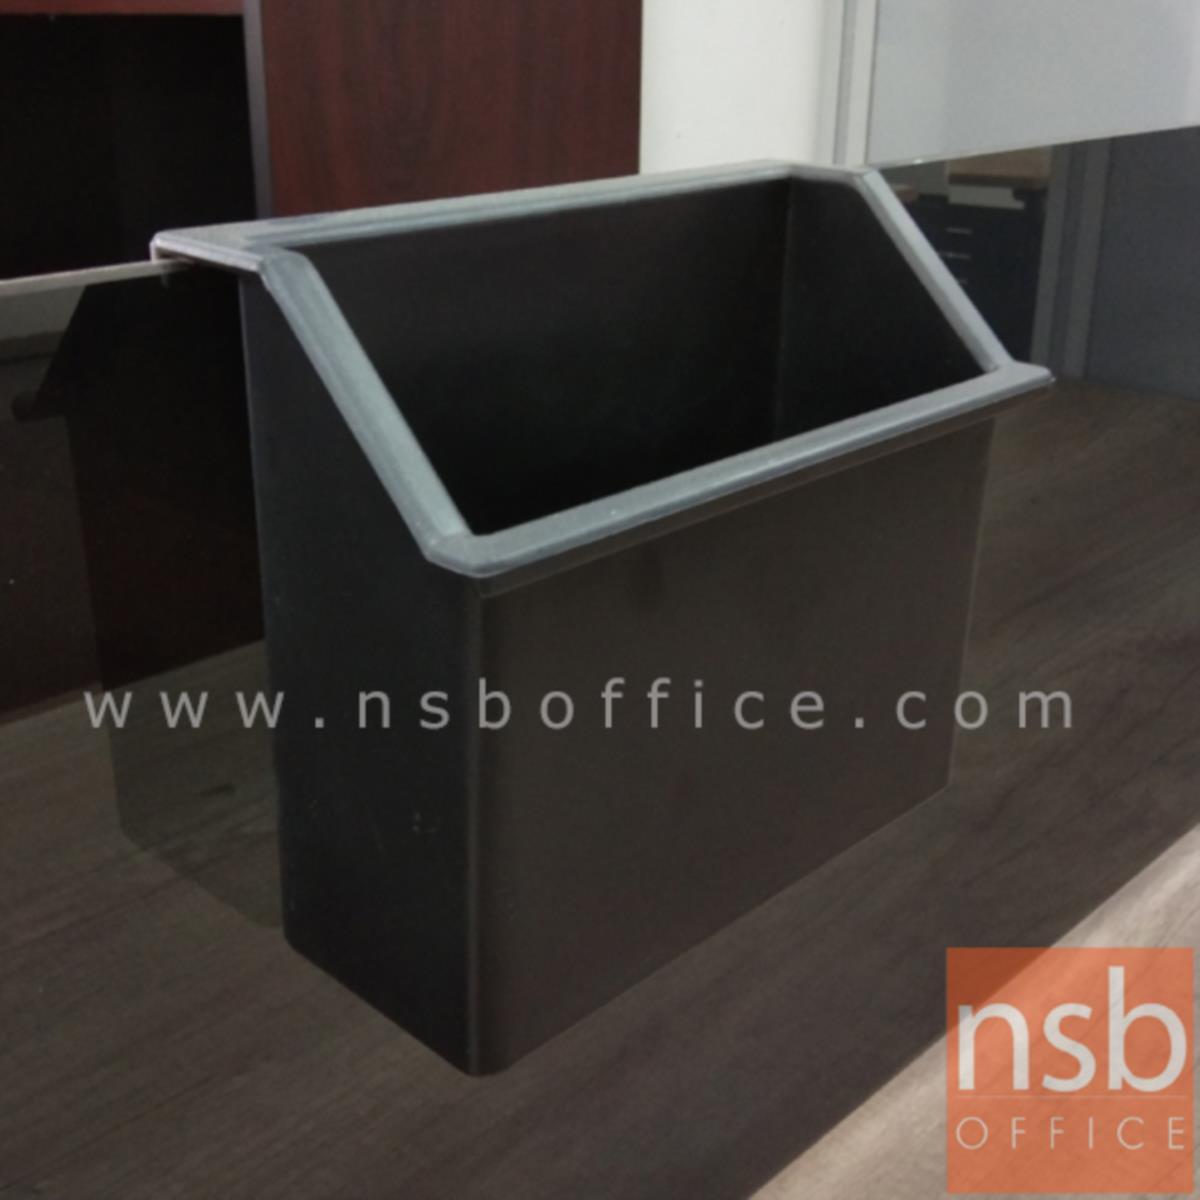 กล่องใช้แขวนกับขอบ miniscreen  รุ่น DCT-123 ขนาด 15W*13H cm. พลาสติก